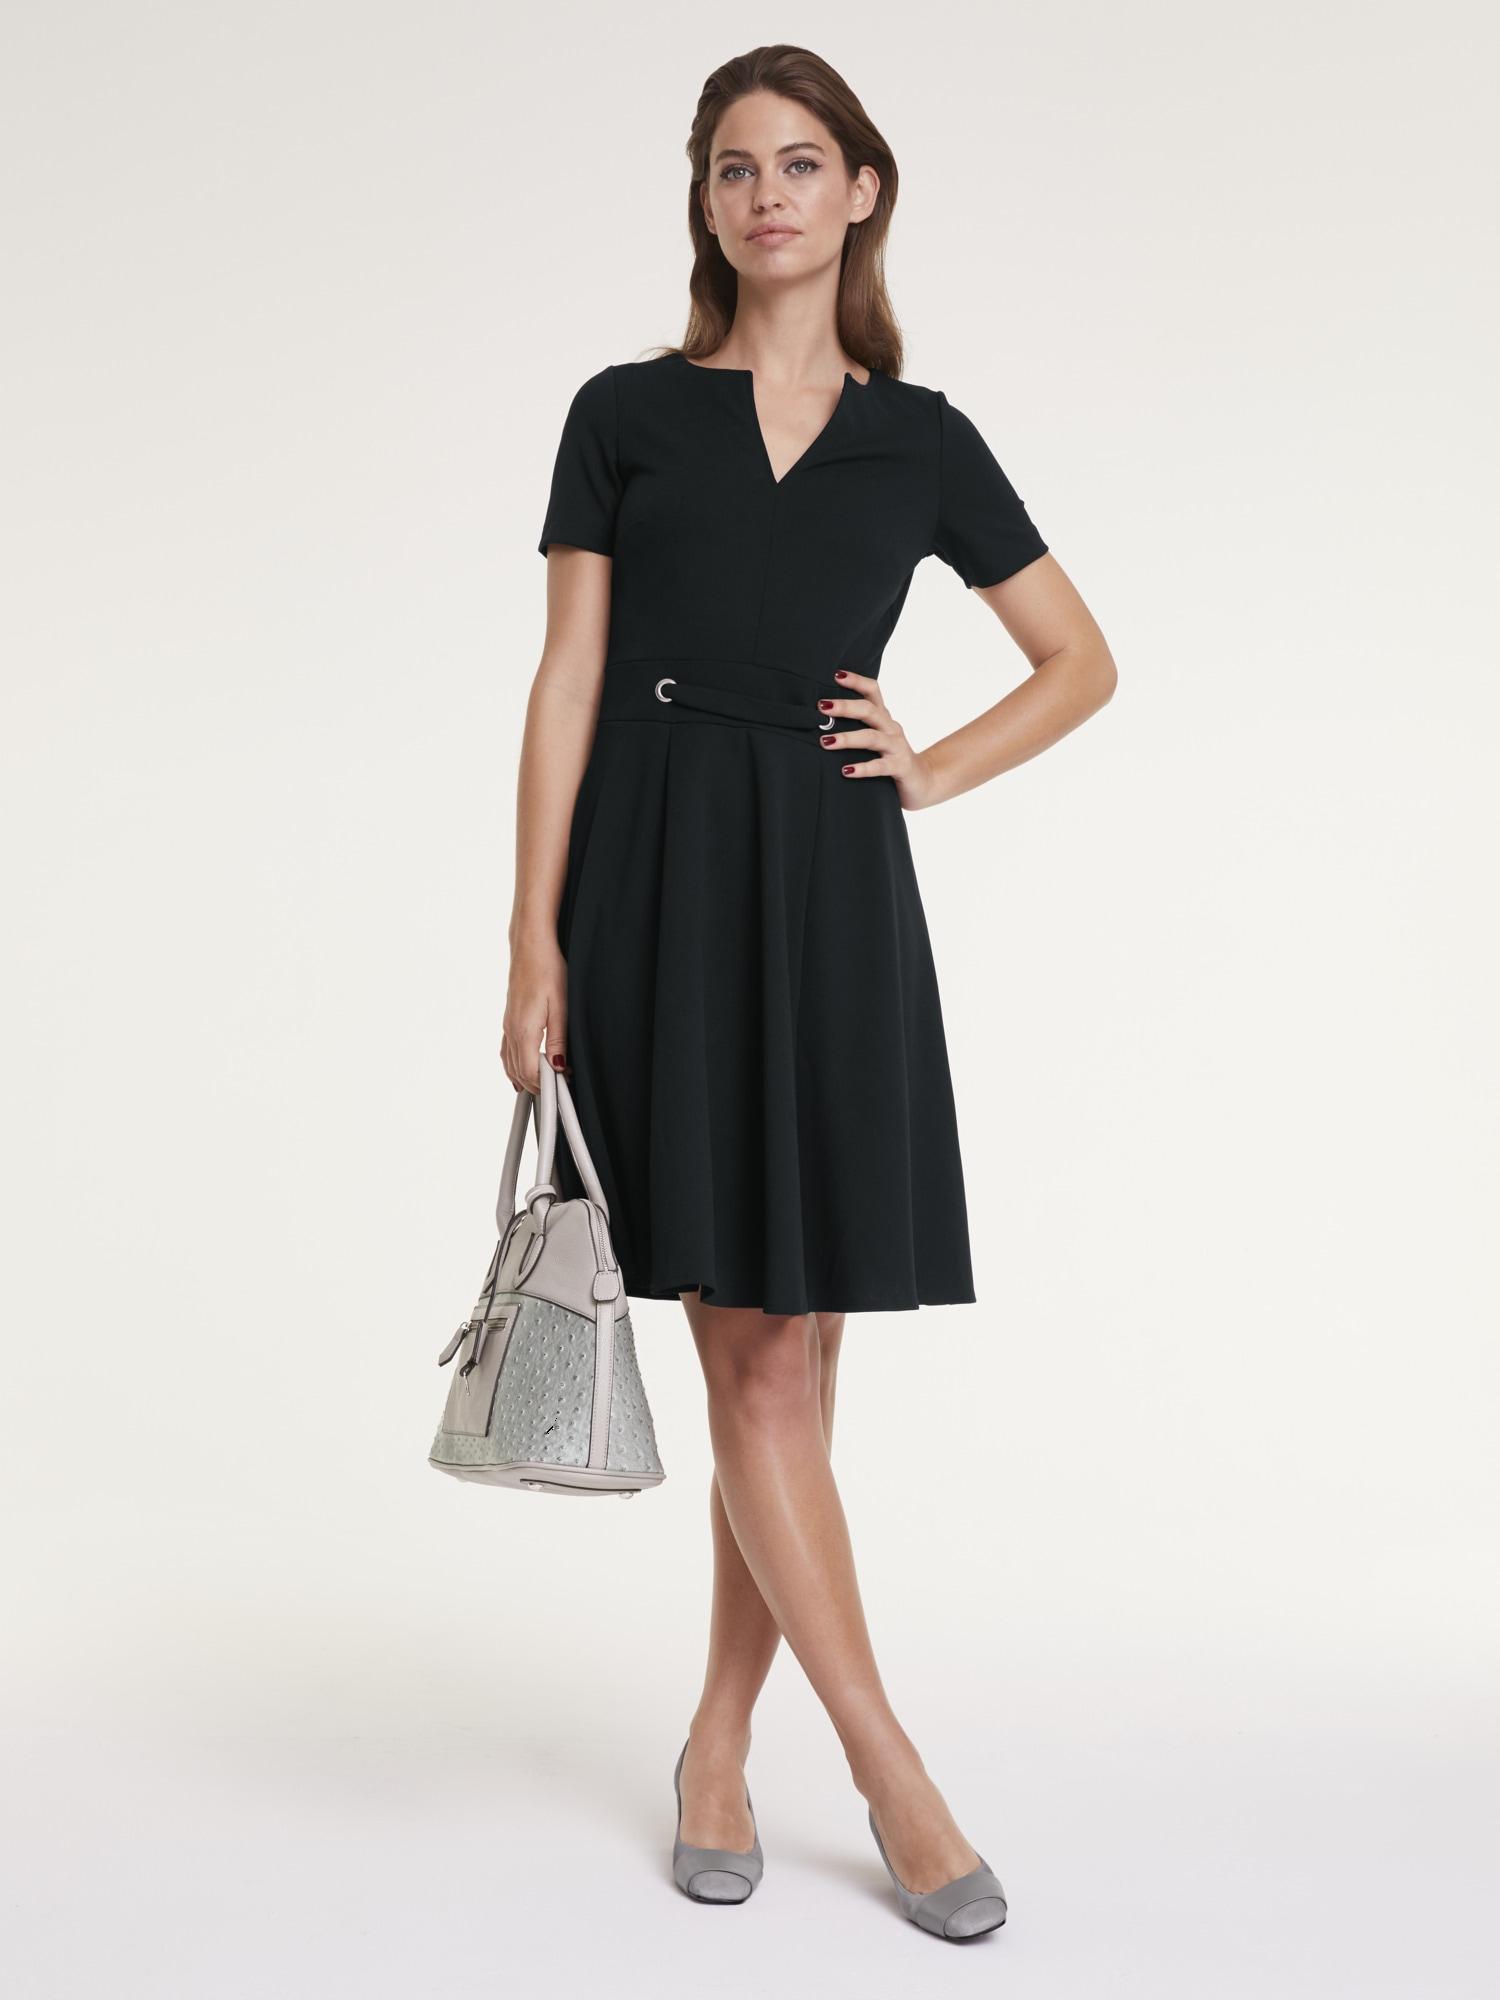 Image of ASHLEY BROOKE by Heine A-Linien-Kleid, mit Zier-Ösen